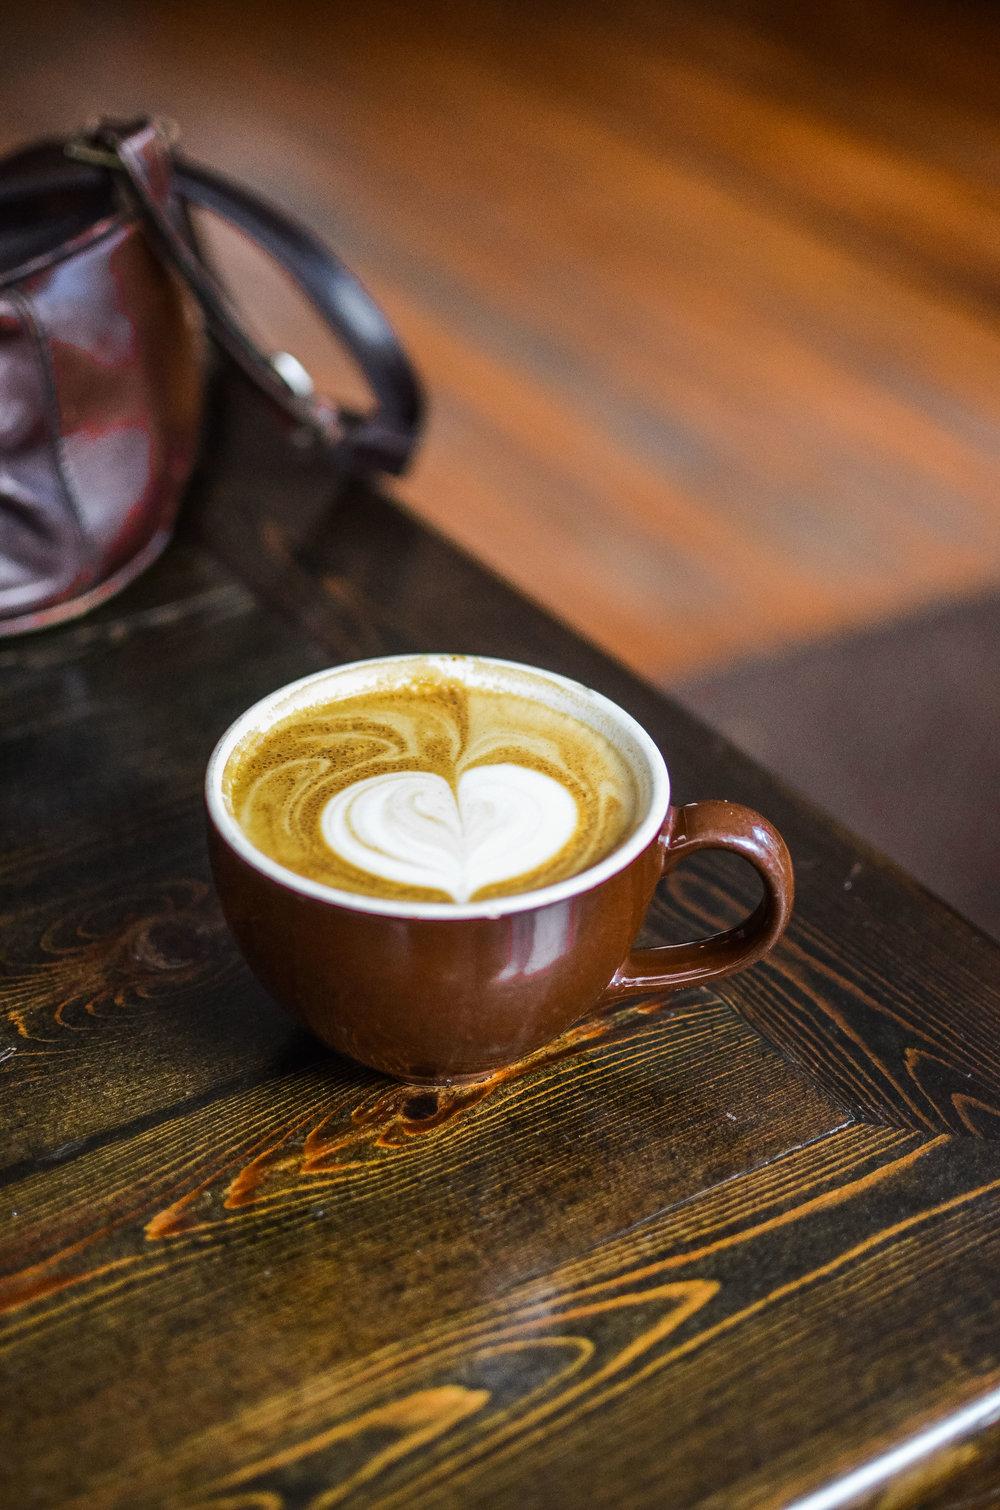 Wendling_Boyd_Heritage_Bicycle_Coffee_Chicago-15.jpg